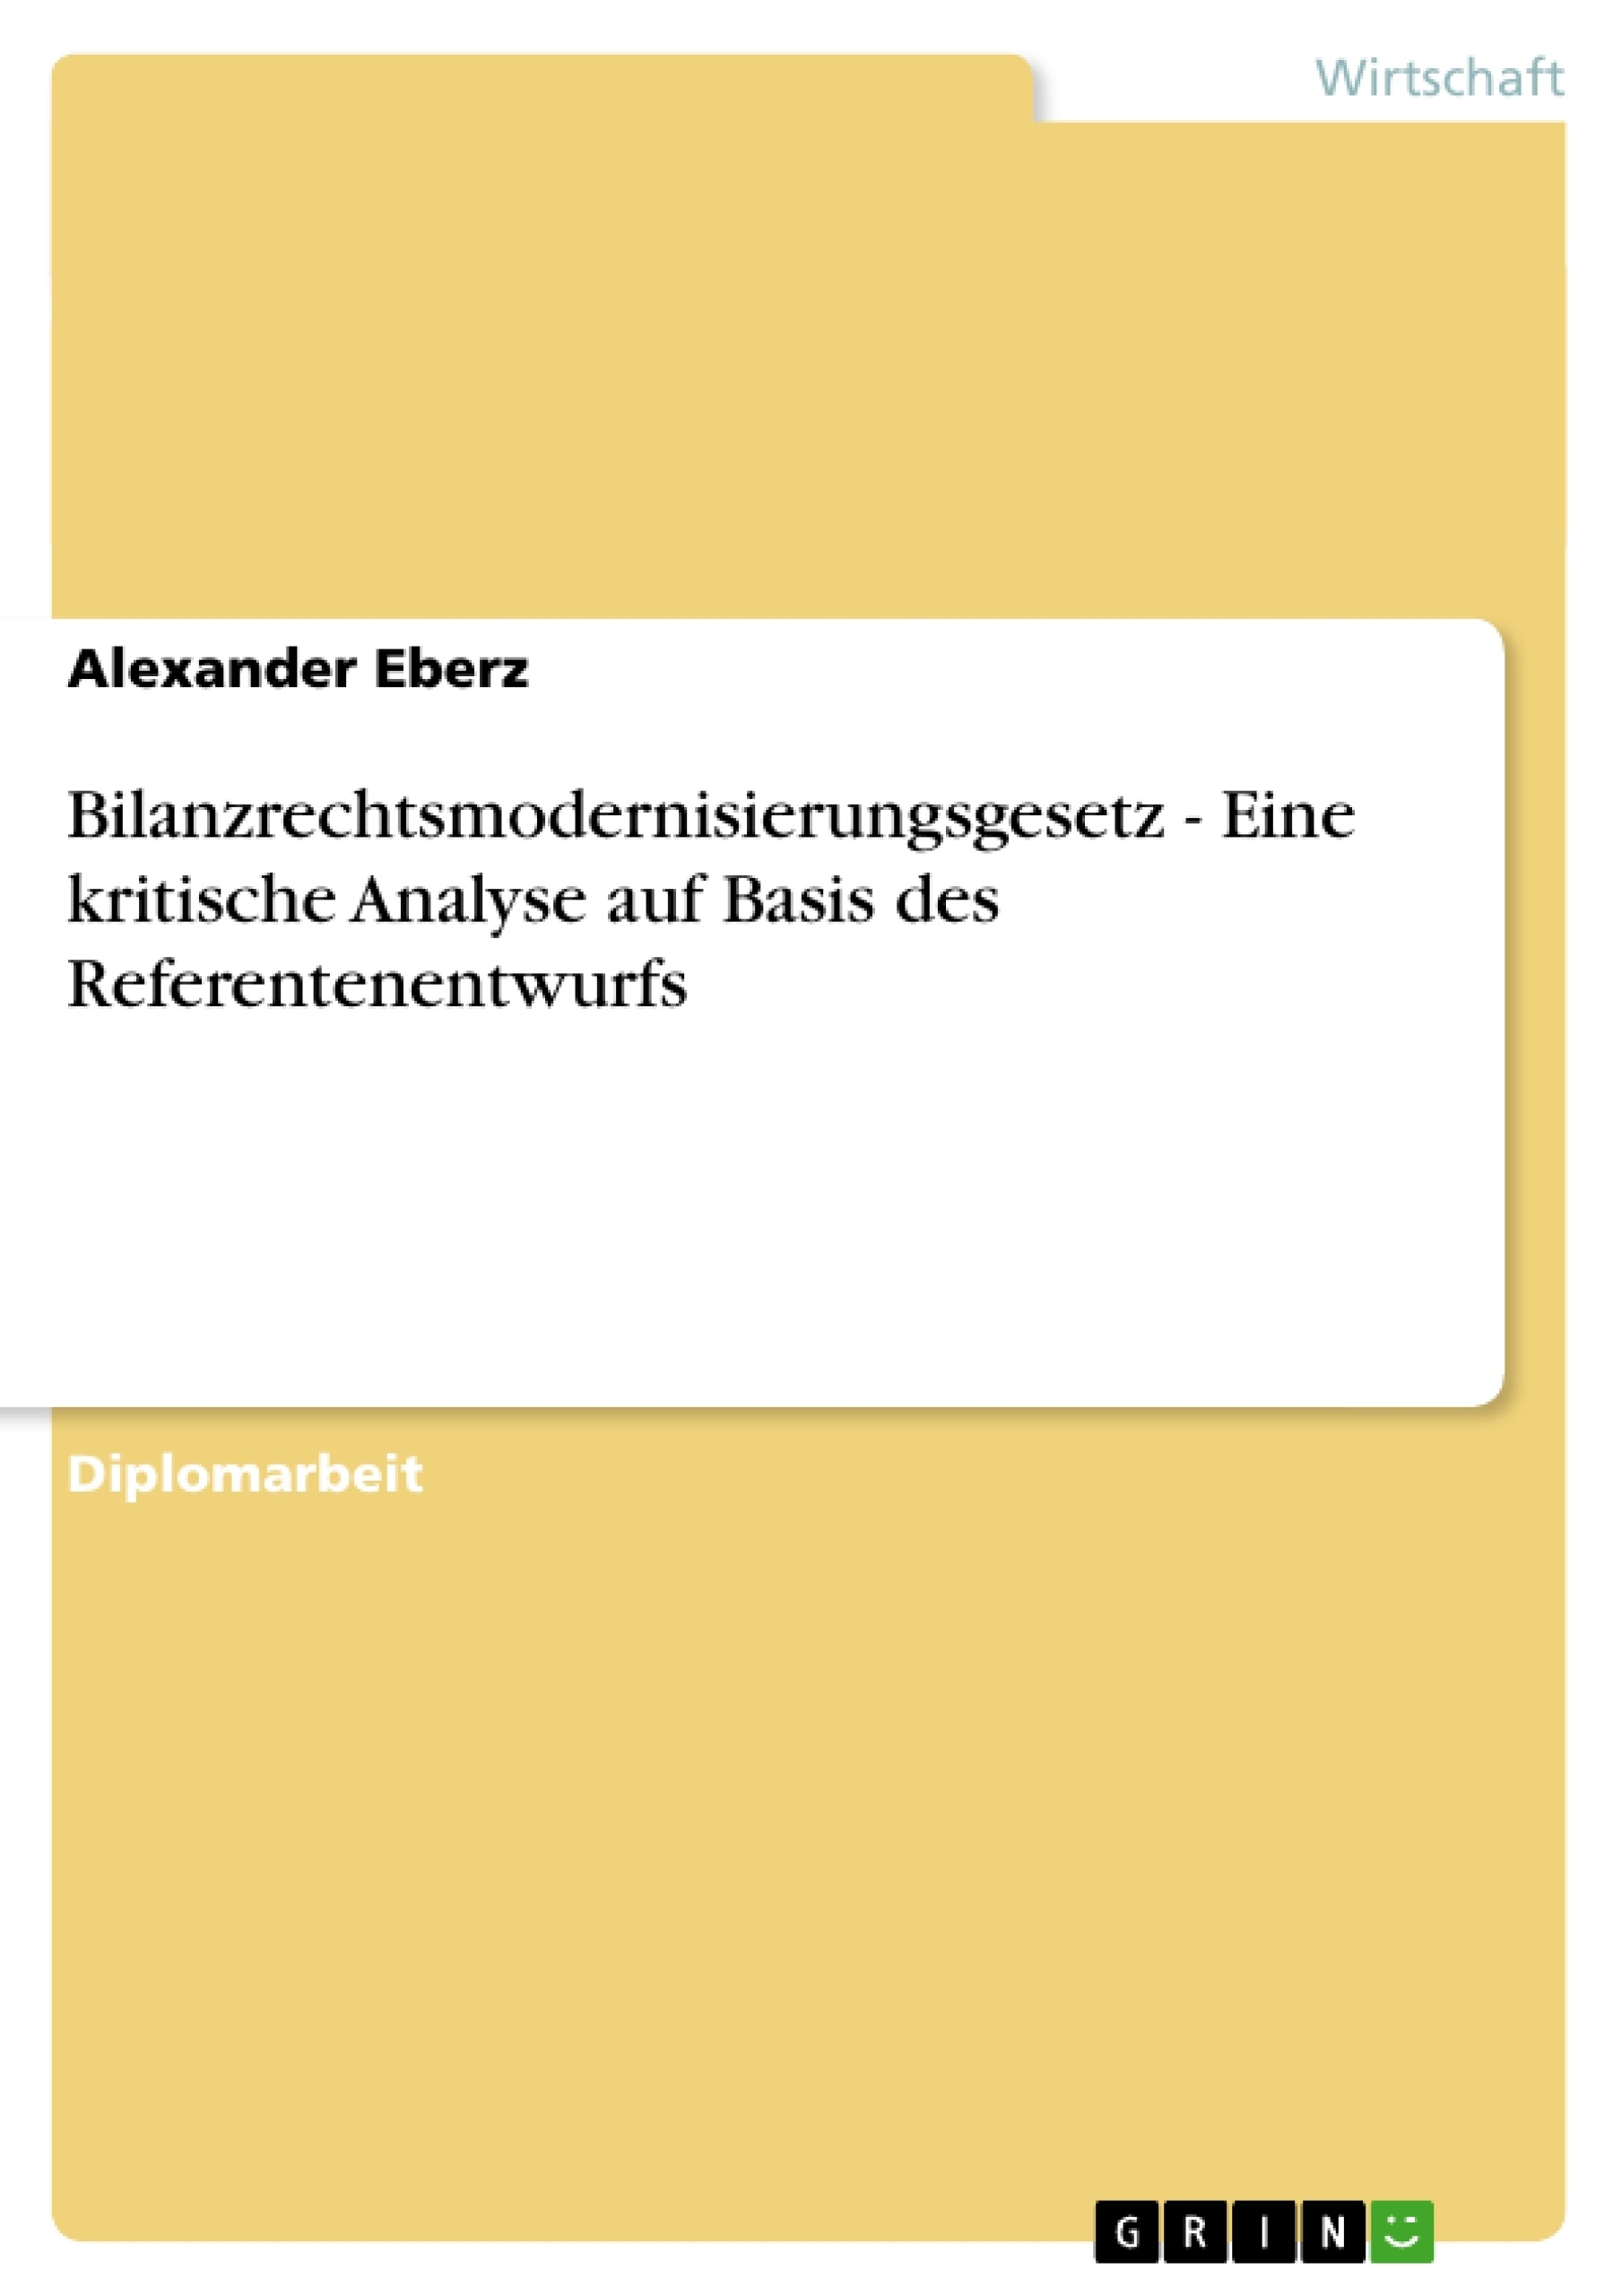 Titel: Bilanzrechtsmodernisierungsgesetz - Eine kritische Analyse auf Basis des Referentenentwurfs